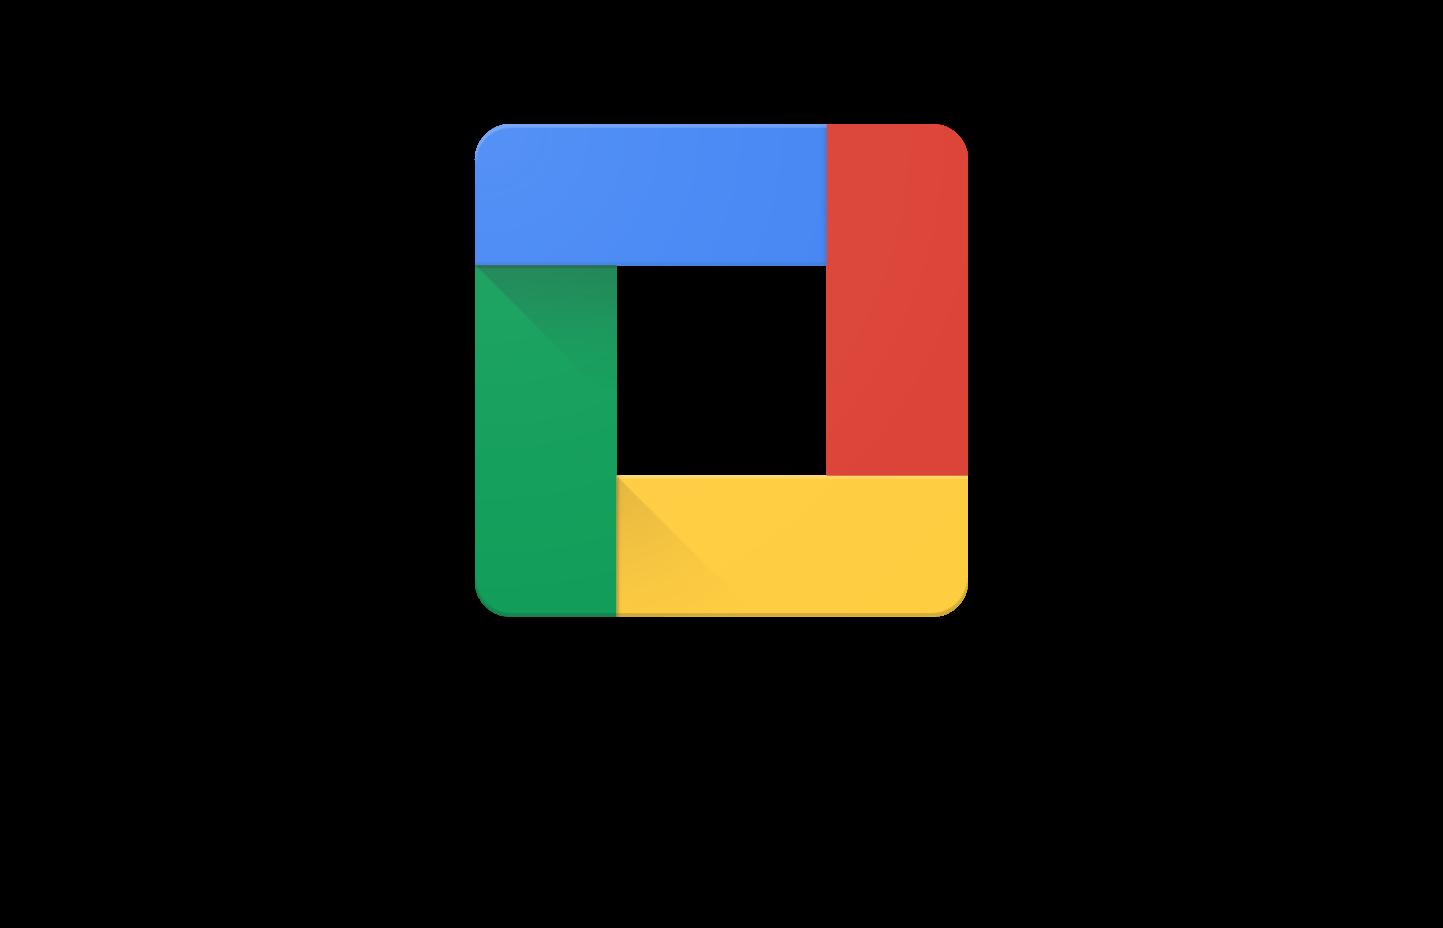 google-apps-for-work-logo-2